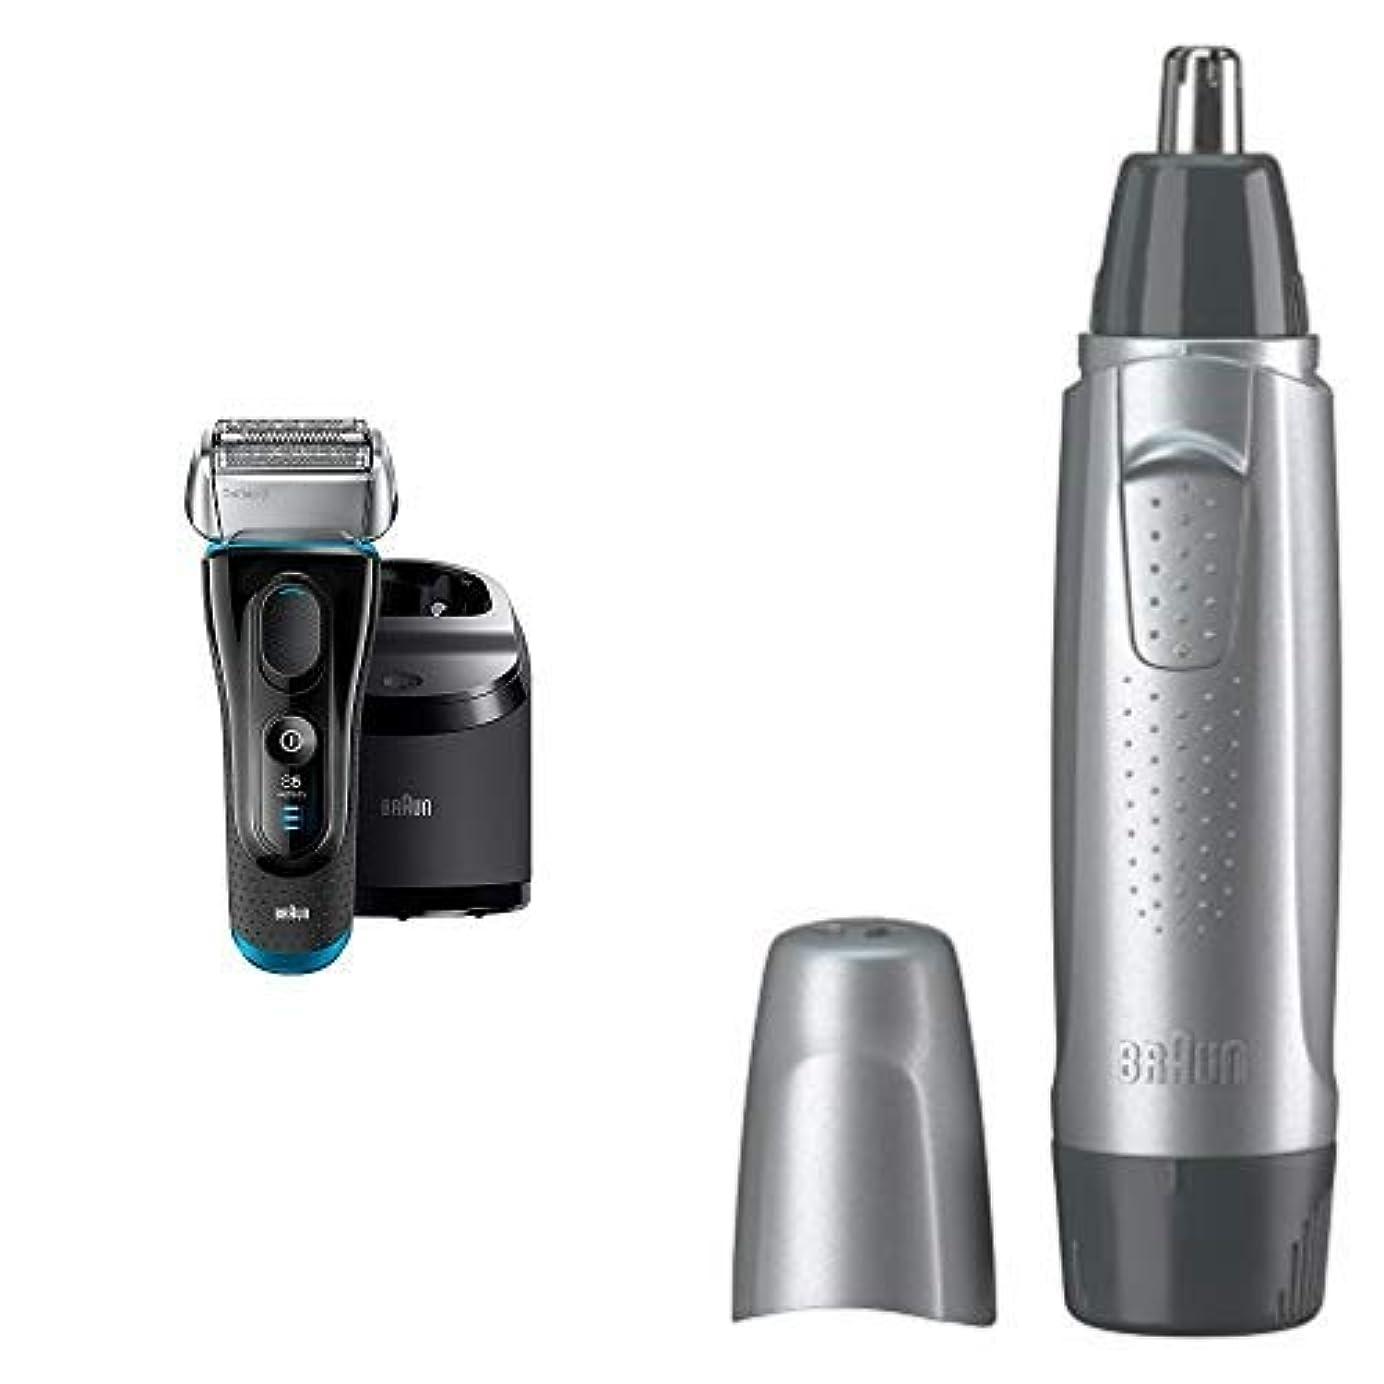 【セット買い】ブラウン メンズ電気シェーバー シリーズ5 5190cc + 鼻毛/耳毛カッター EN10